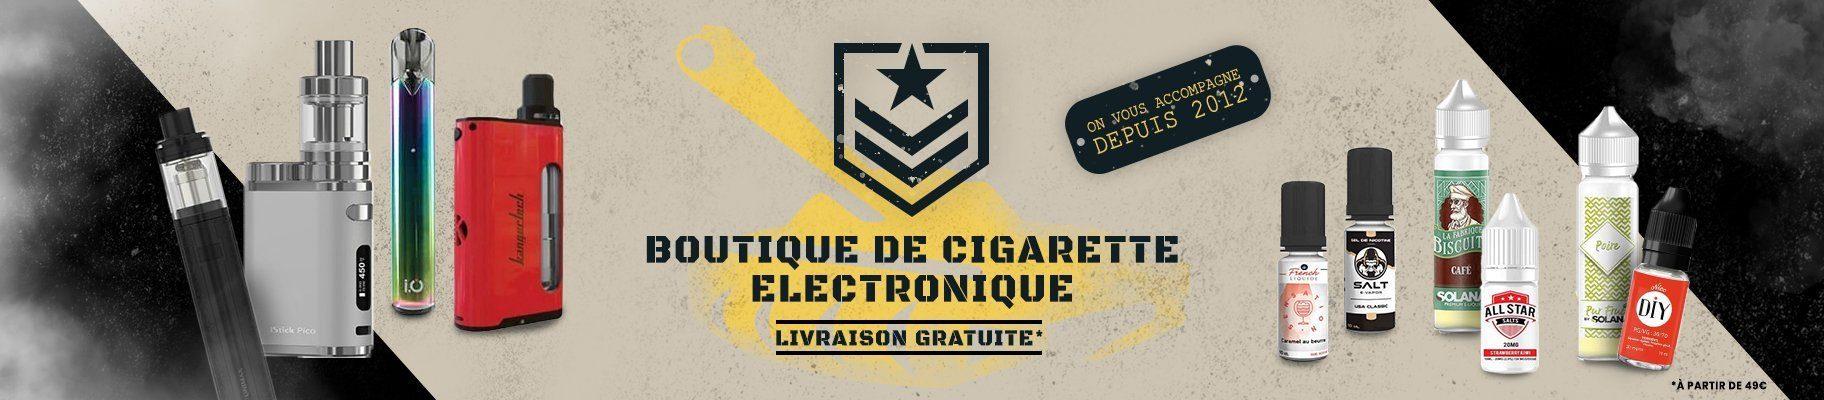 banniere vapotank - Boutique de cigarette électronique, eliquides à pas cher.